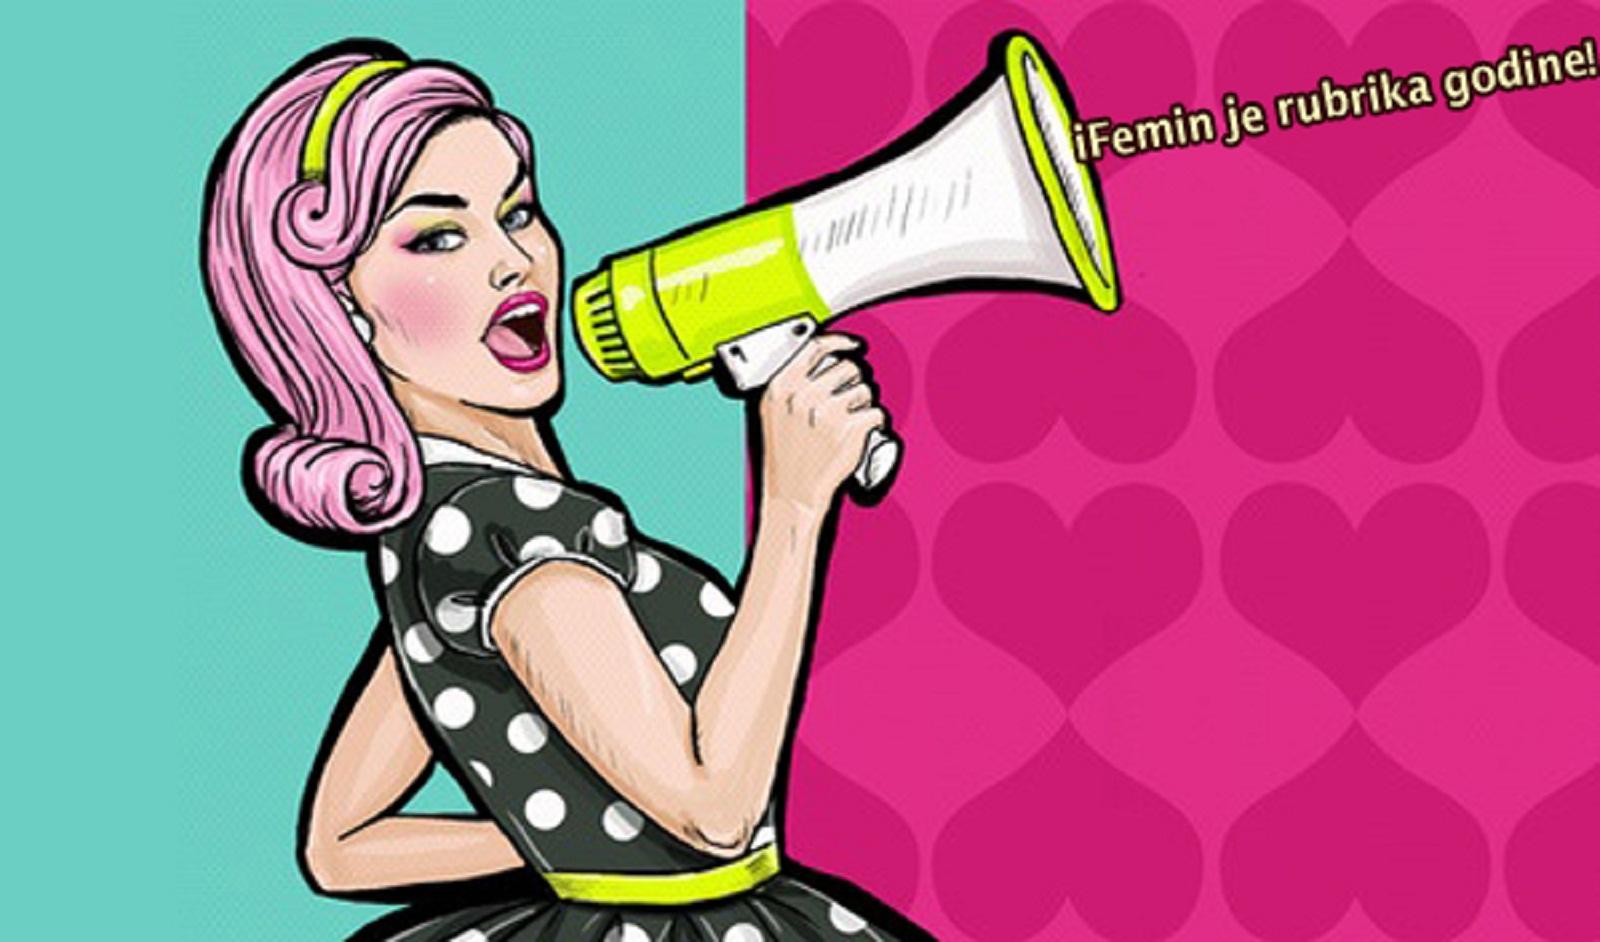 Tražimo novinare/blogere za iFemin tim!